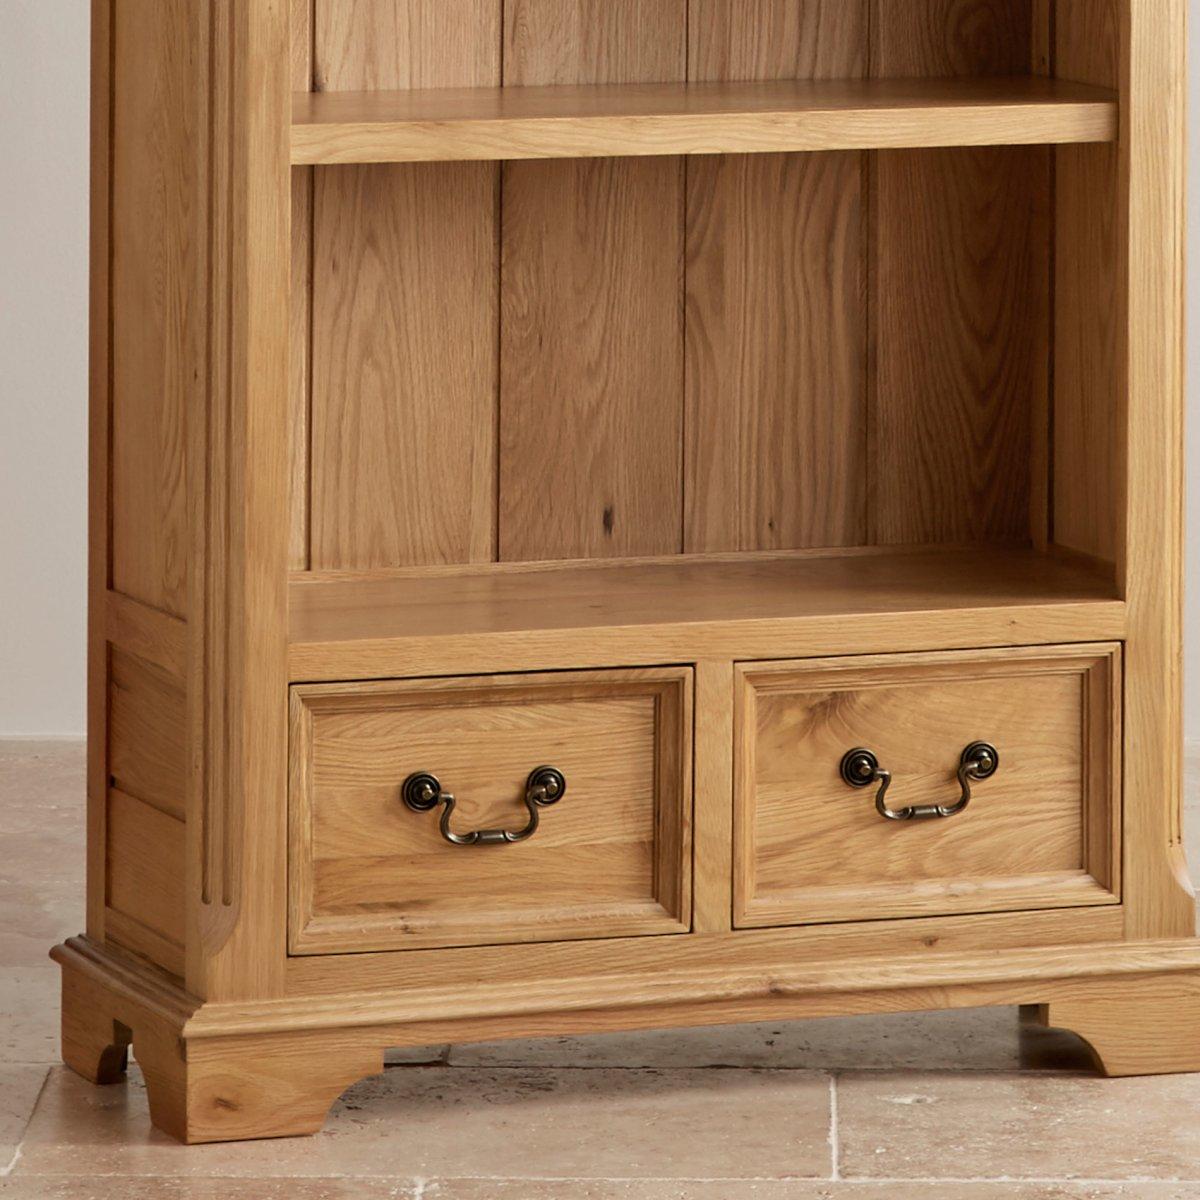 Edinburgh Tall Bookcase In Natural Solid Oak Oak